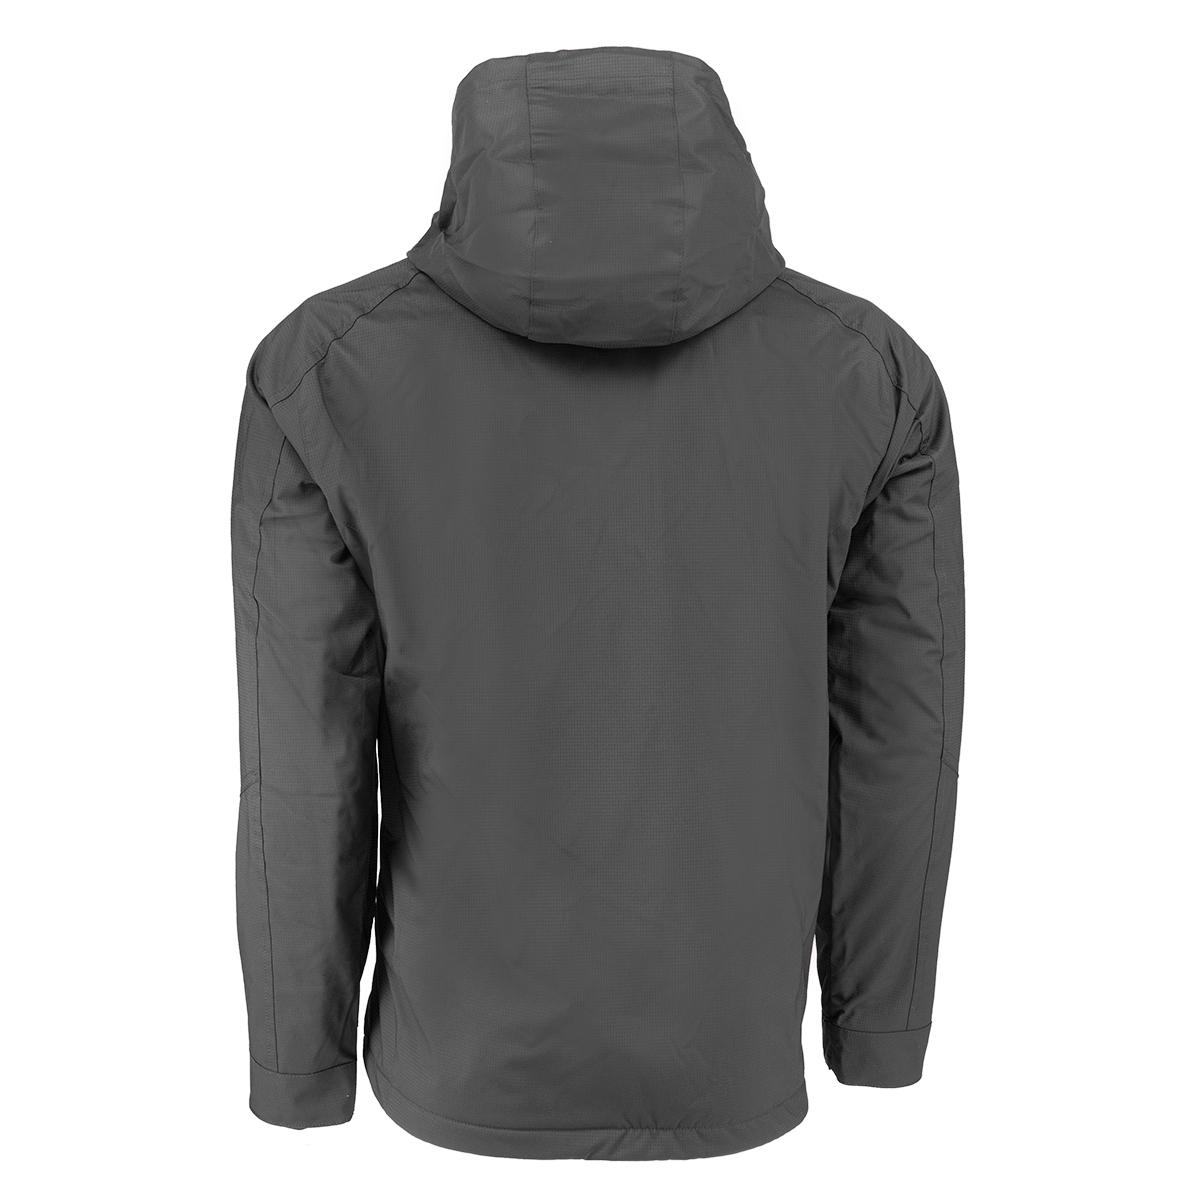 IZOD-Men-039-s-Midweight-Polar-Fleece-Lined-Jacket thumbnail 12